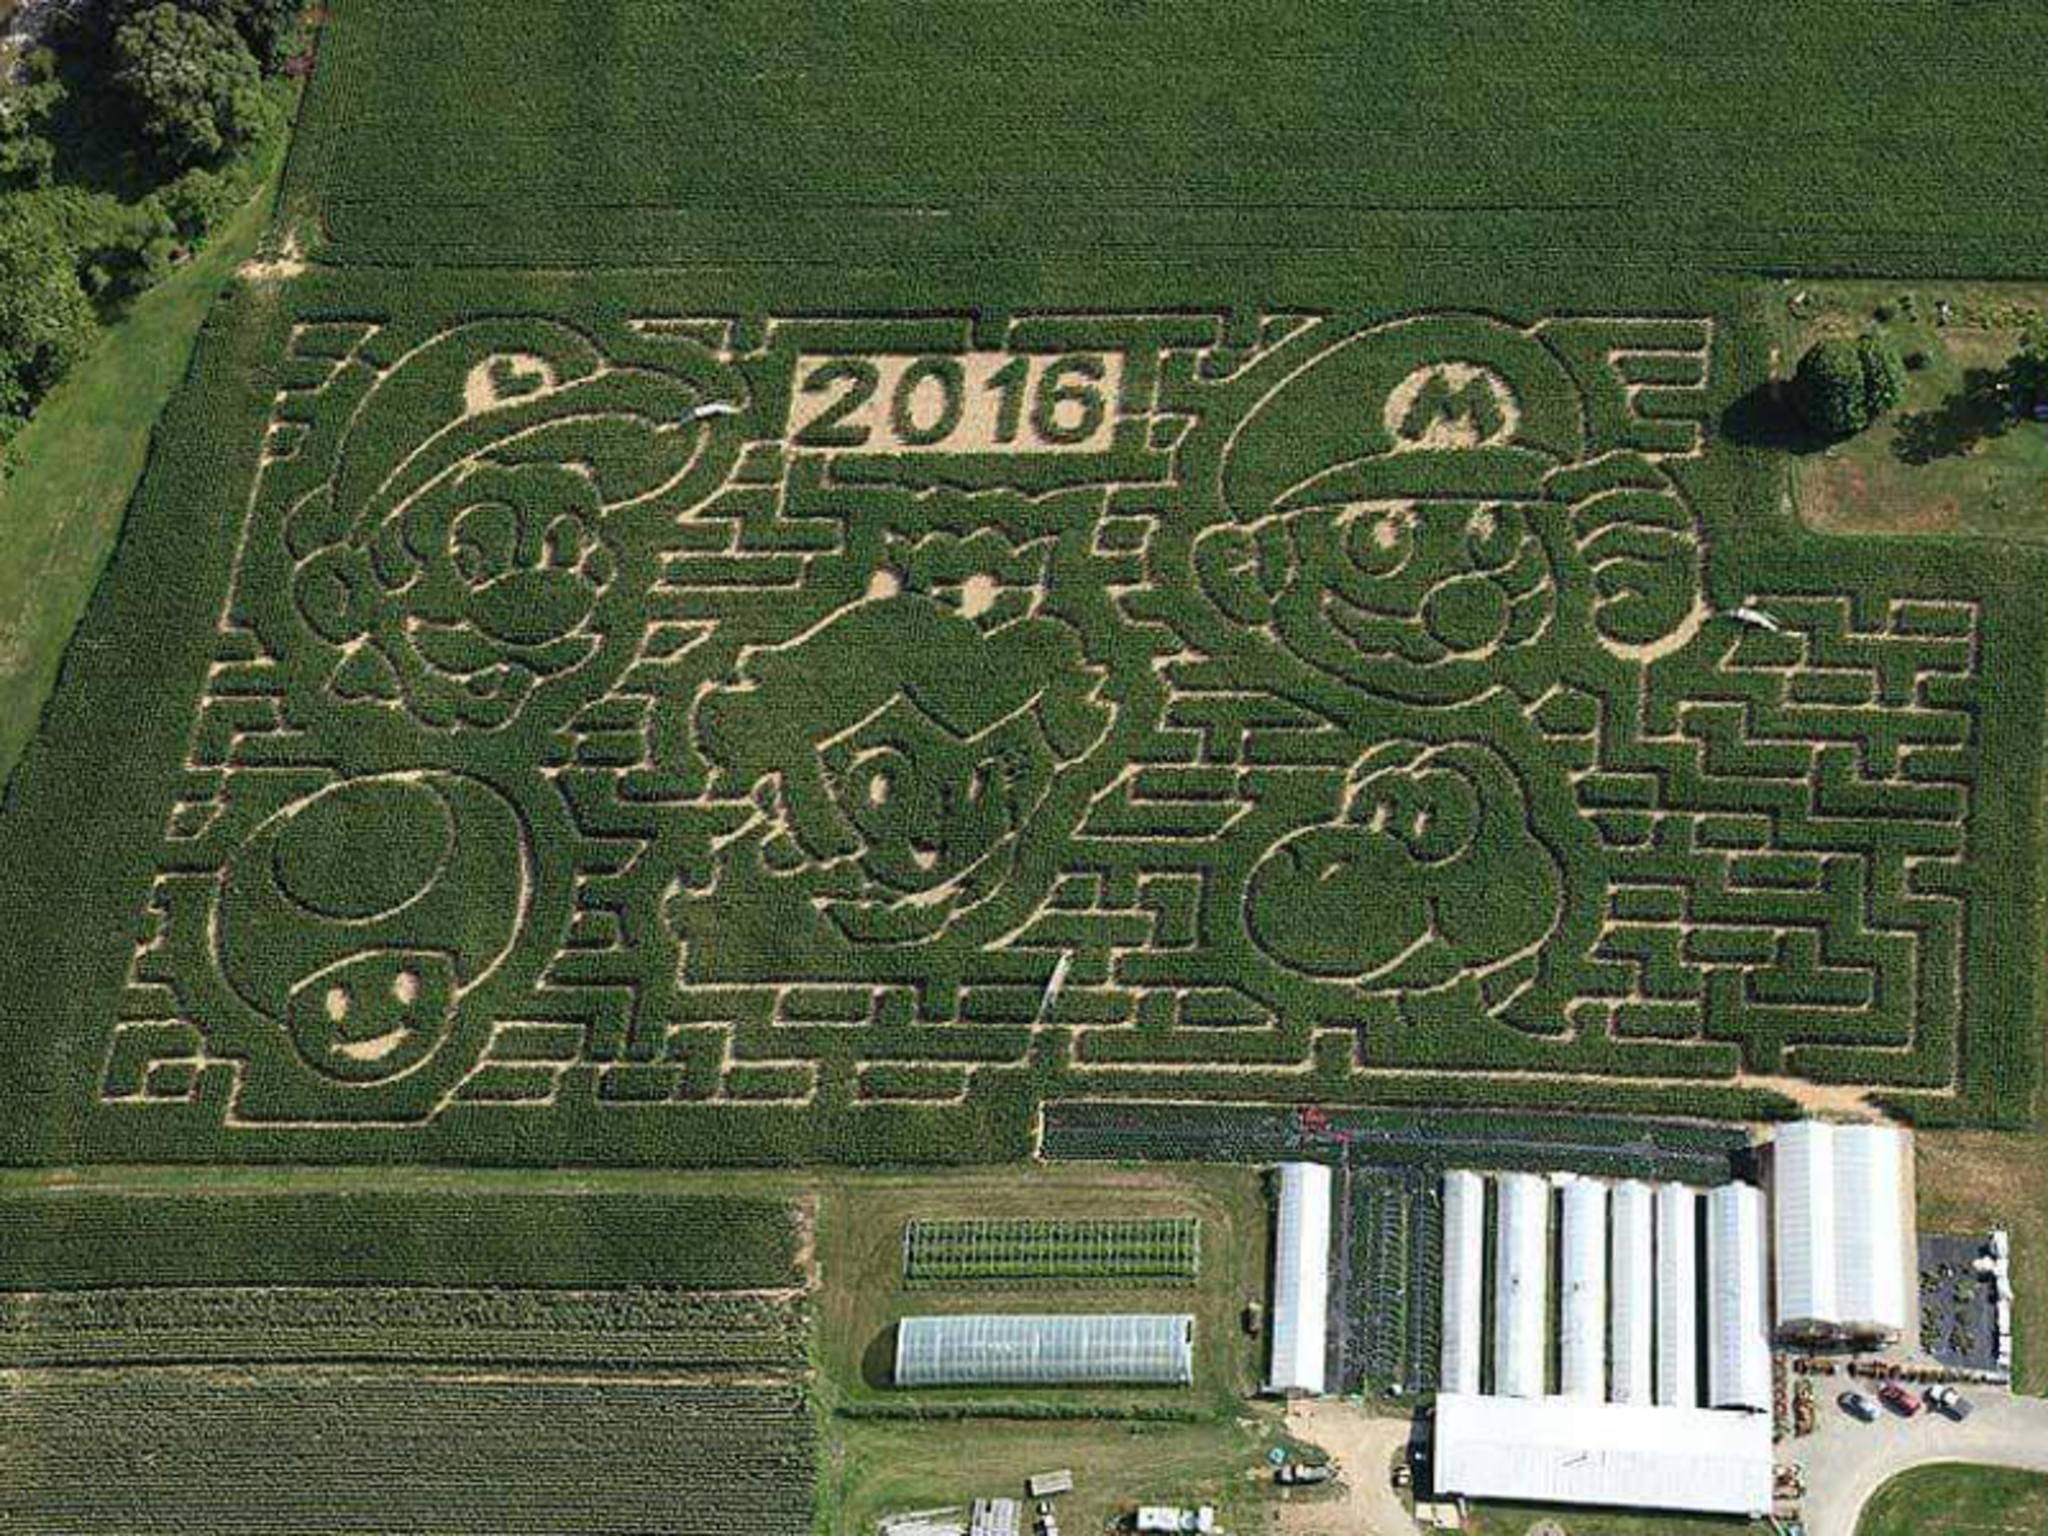 Ein riesiges Maislabyrinth aus Super Mario-Figuren.